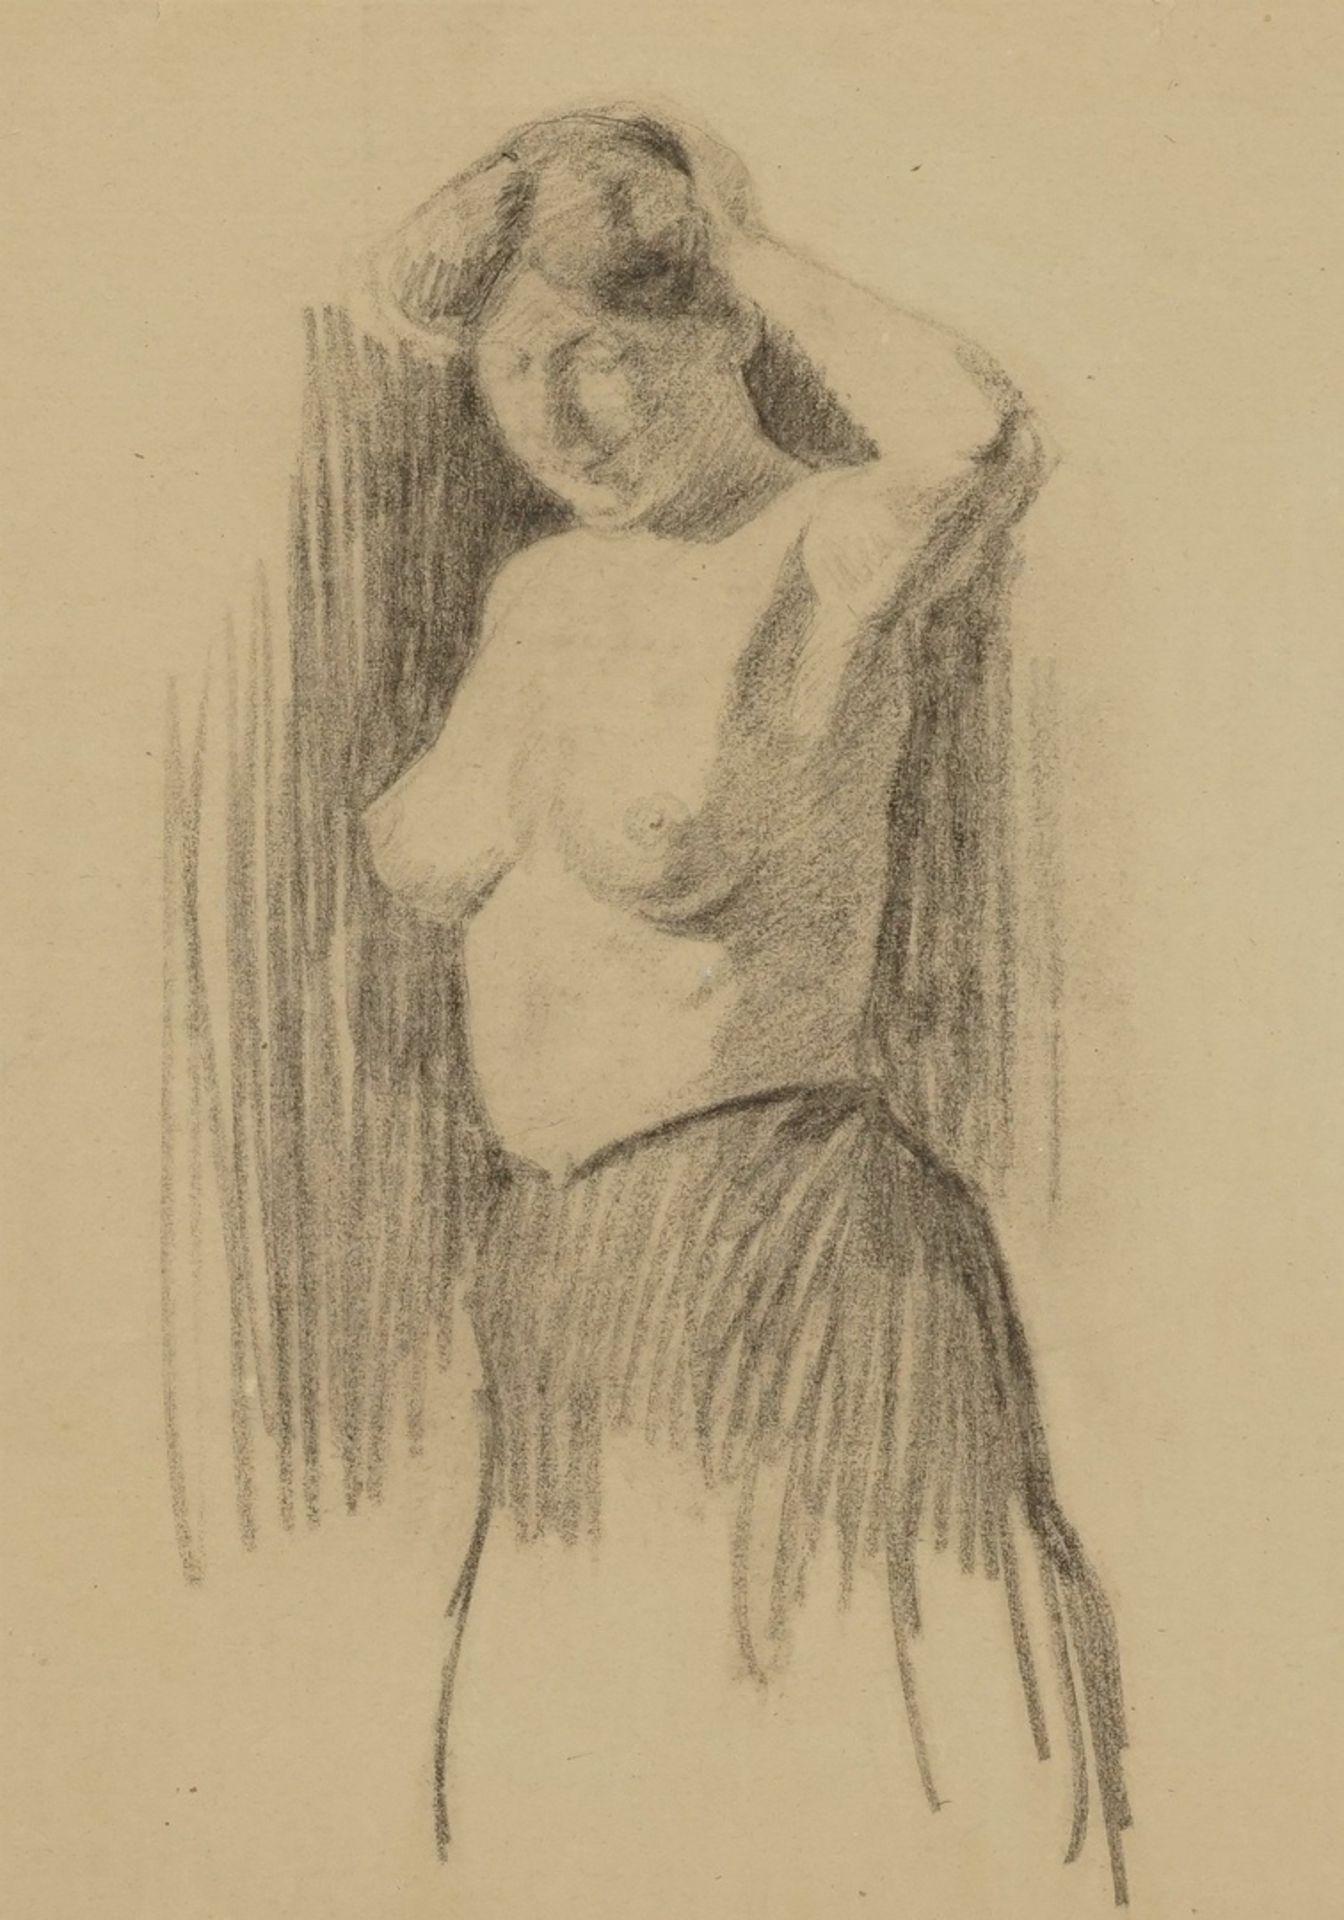 Paul Wirsing, Stehender weiblicher Halbakt, die linke Hand am Haar